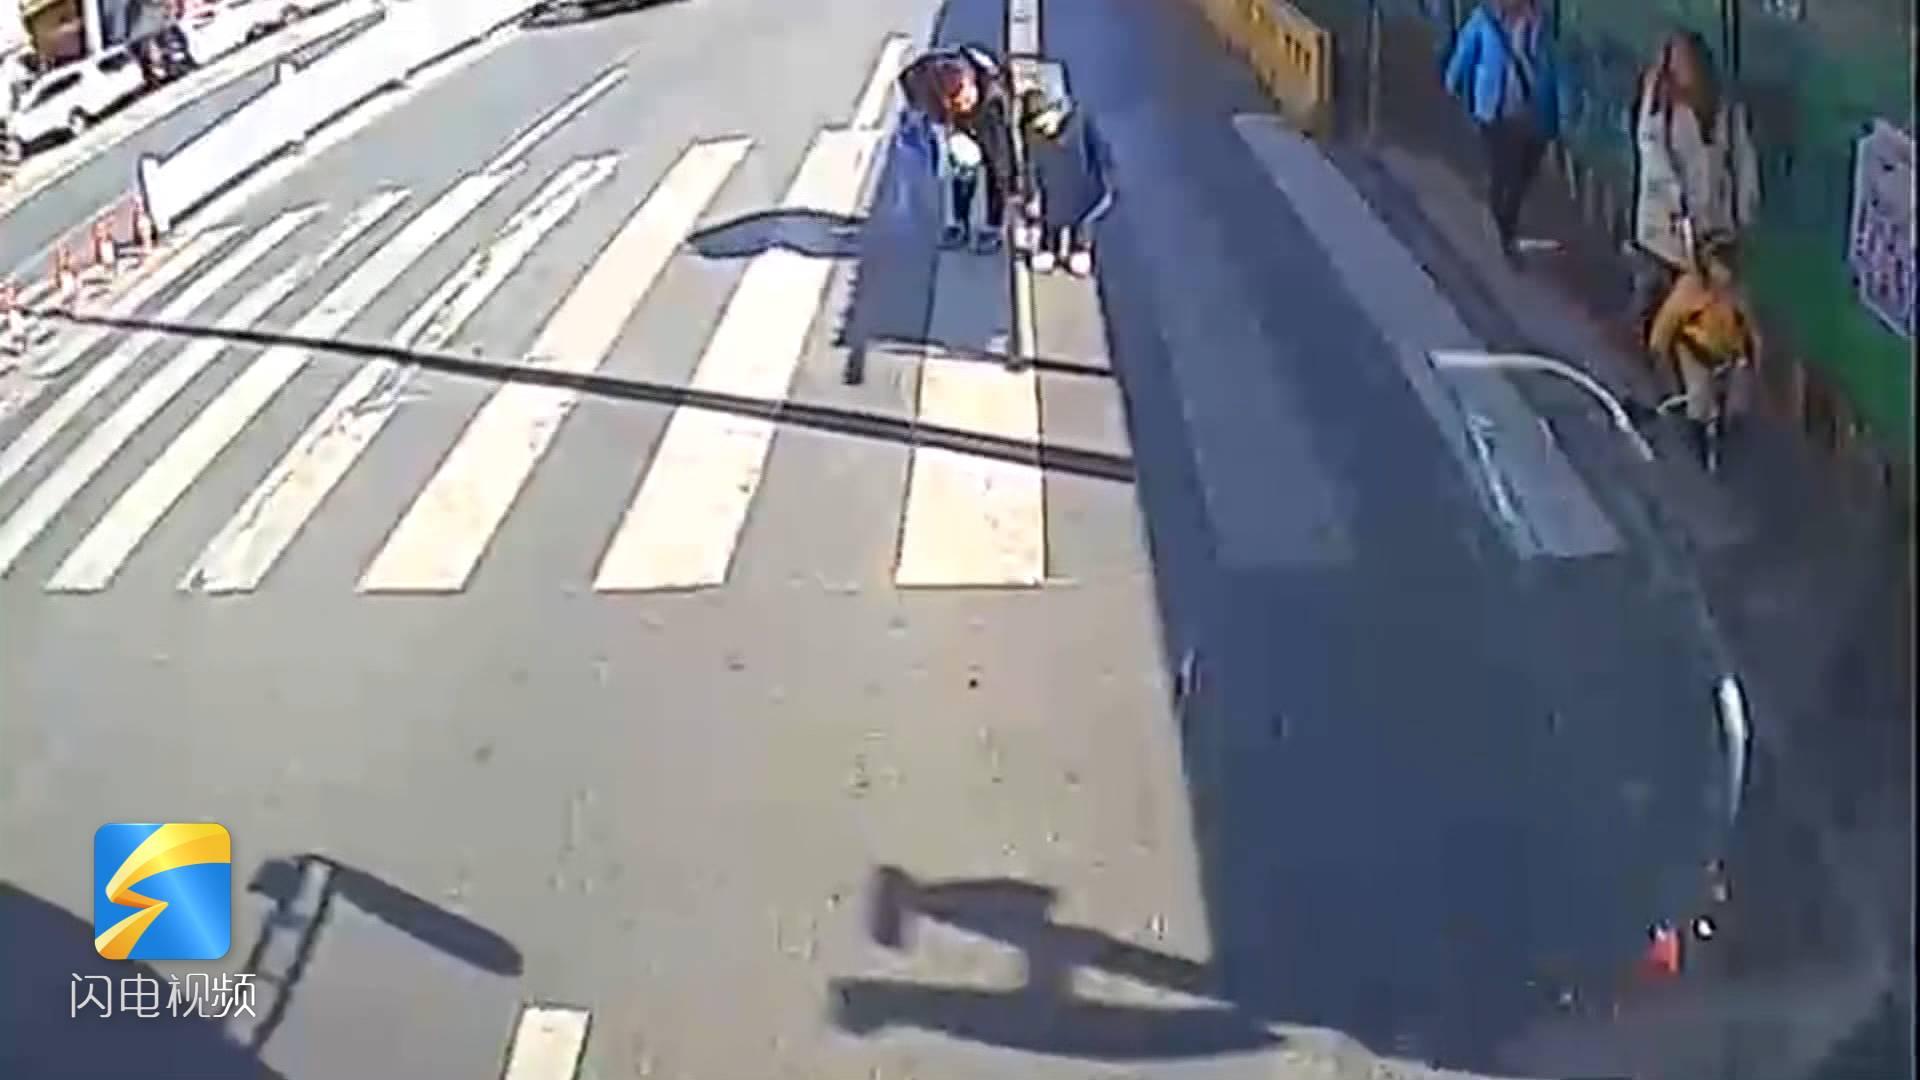 49秒丨青岛妈妈牵手孩子斑马线前鞠躬 入职两月公交司机感动:继续做好礼让